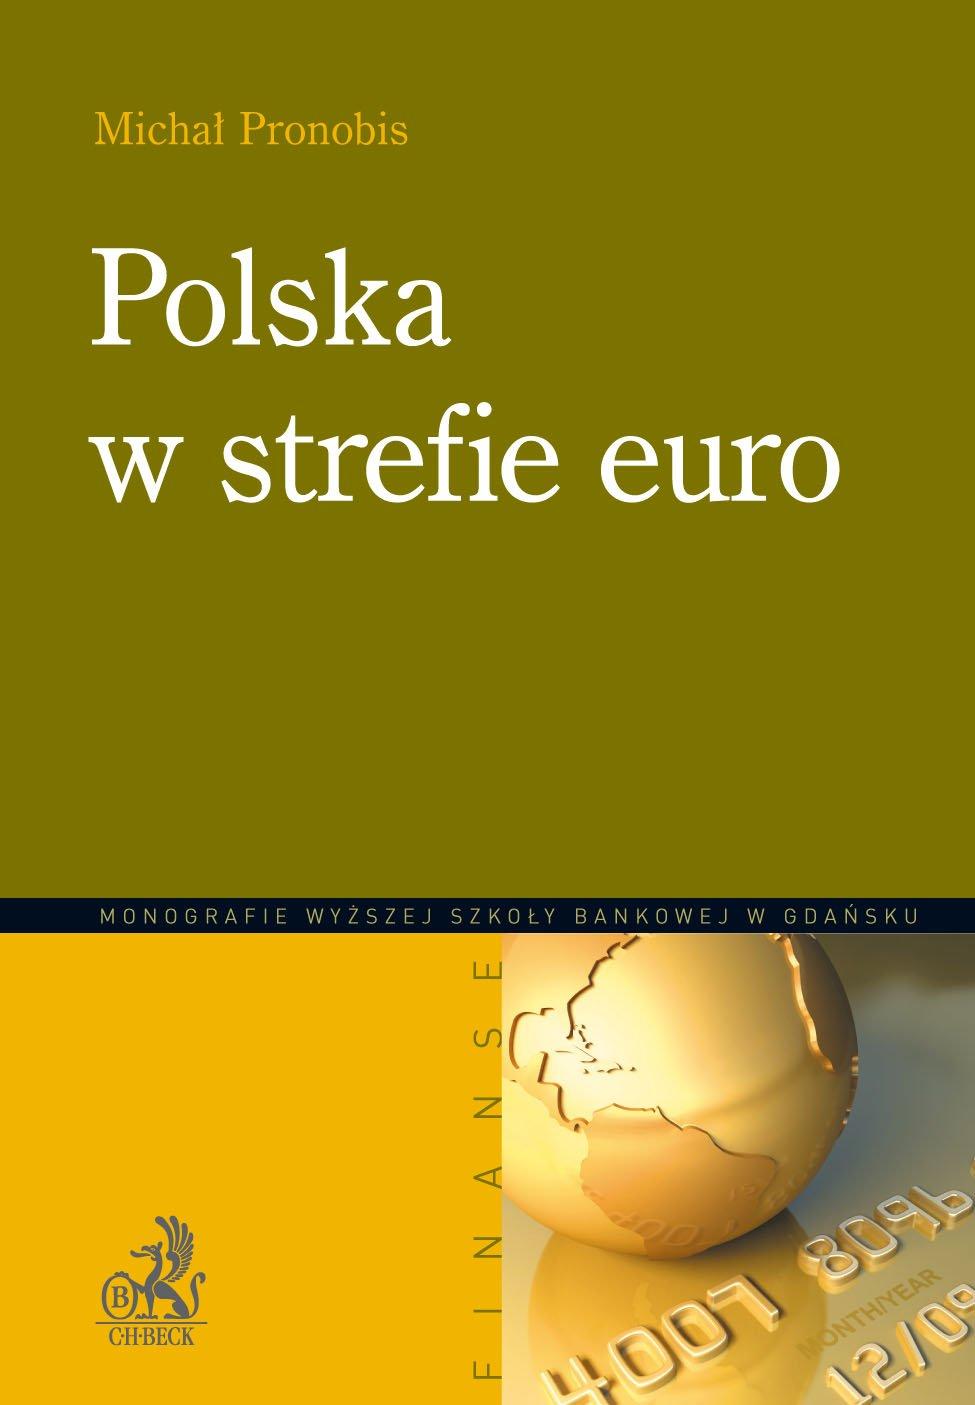 Polska w strefie euro - Ebook (Książka PDF) do pobrania w formacie PDF